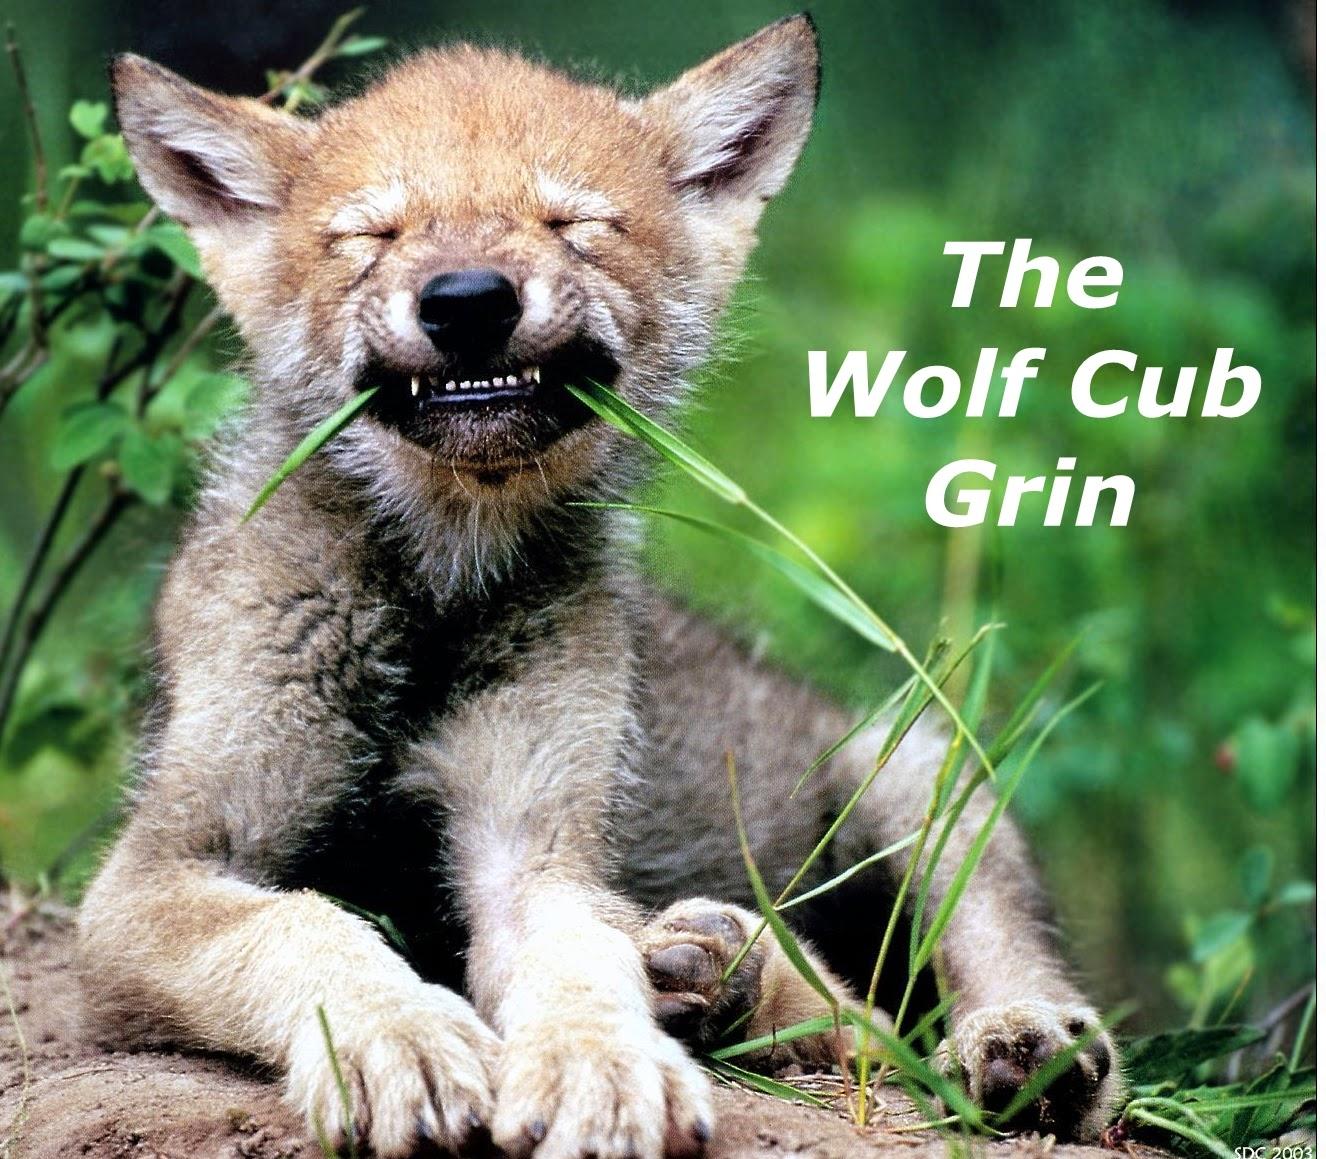 Wolf cub grin